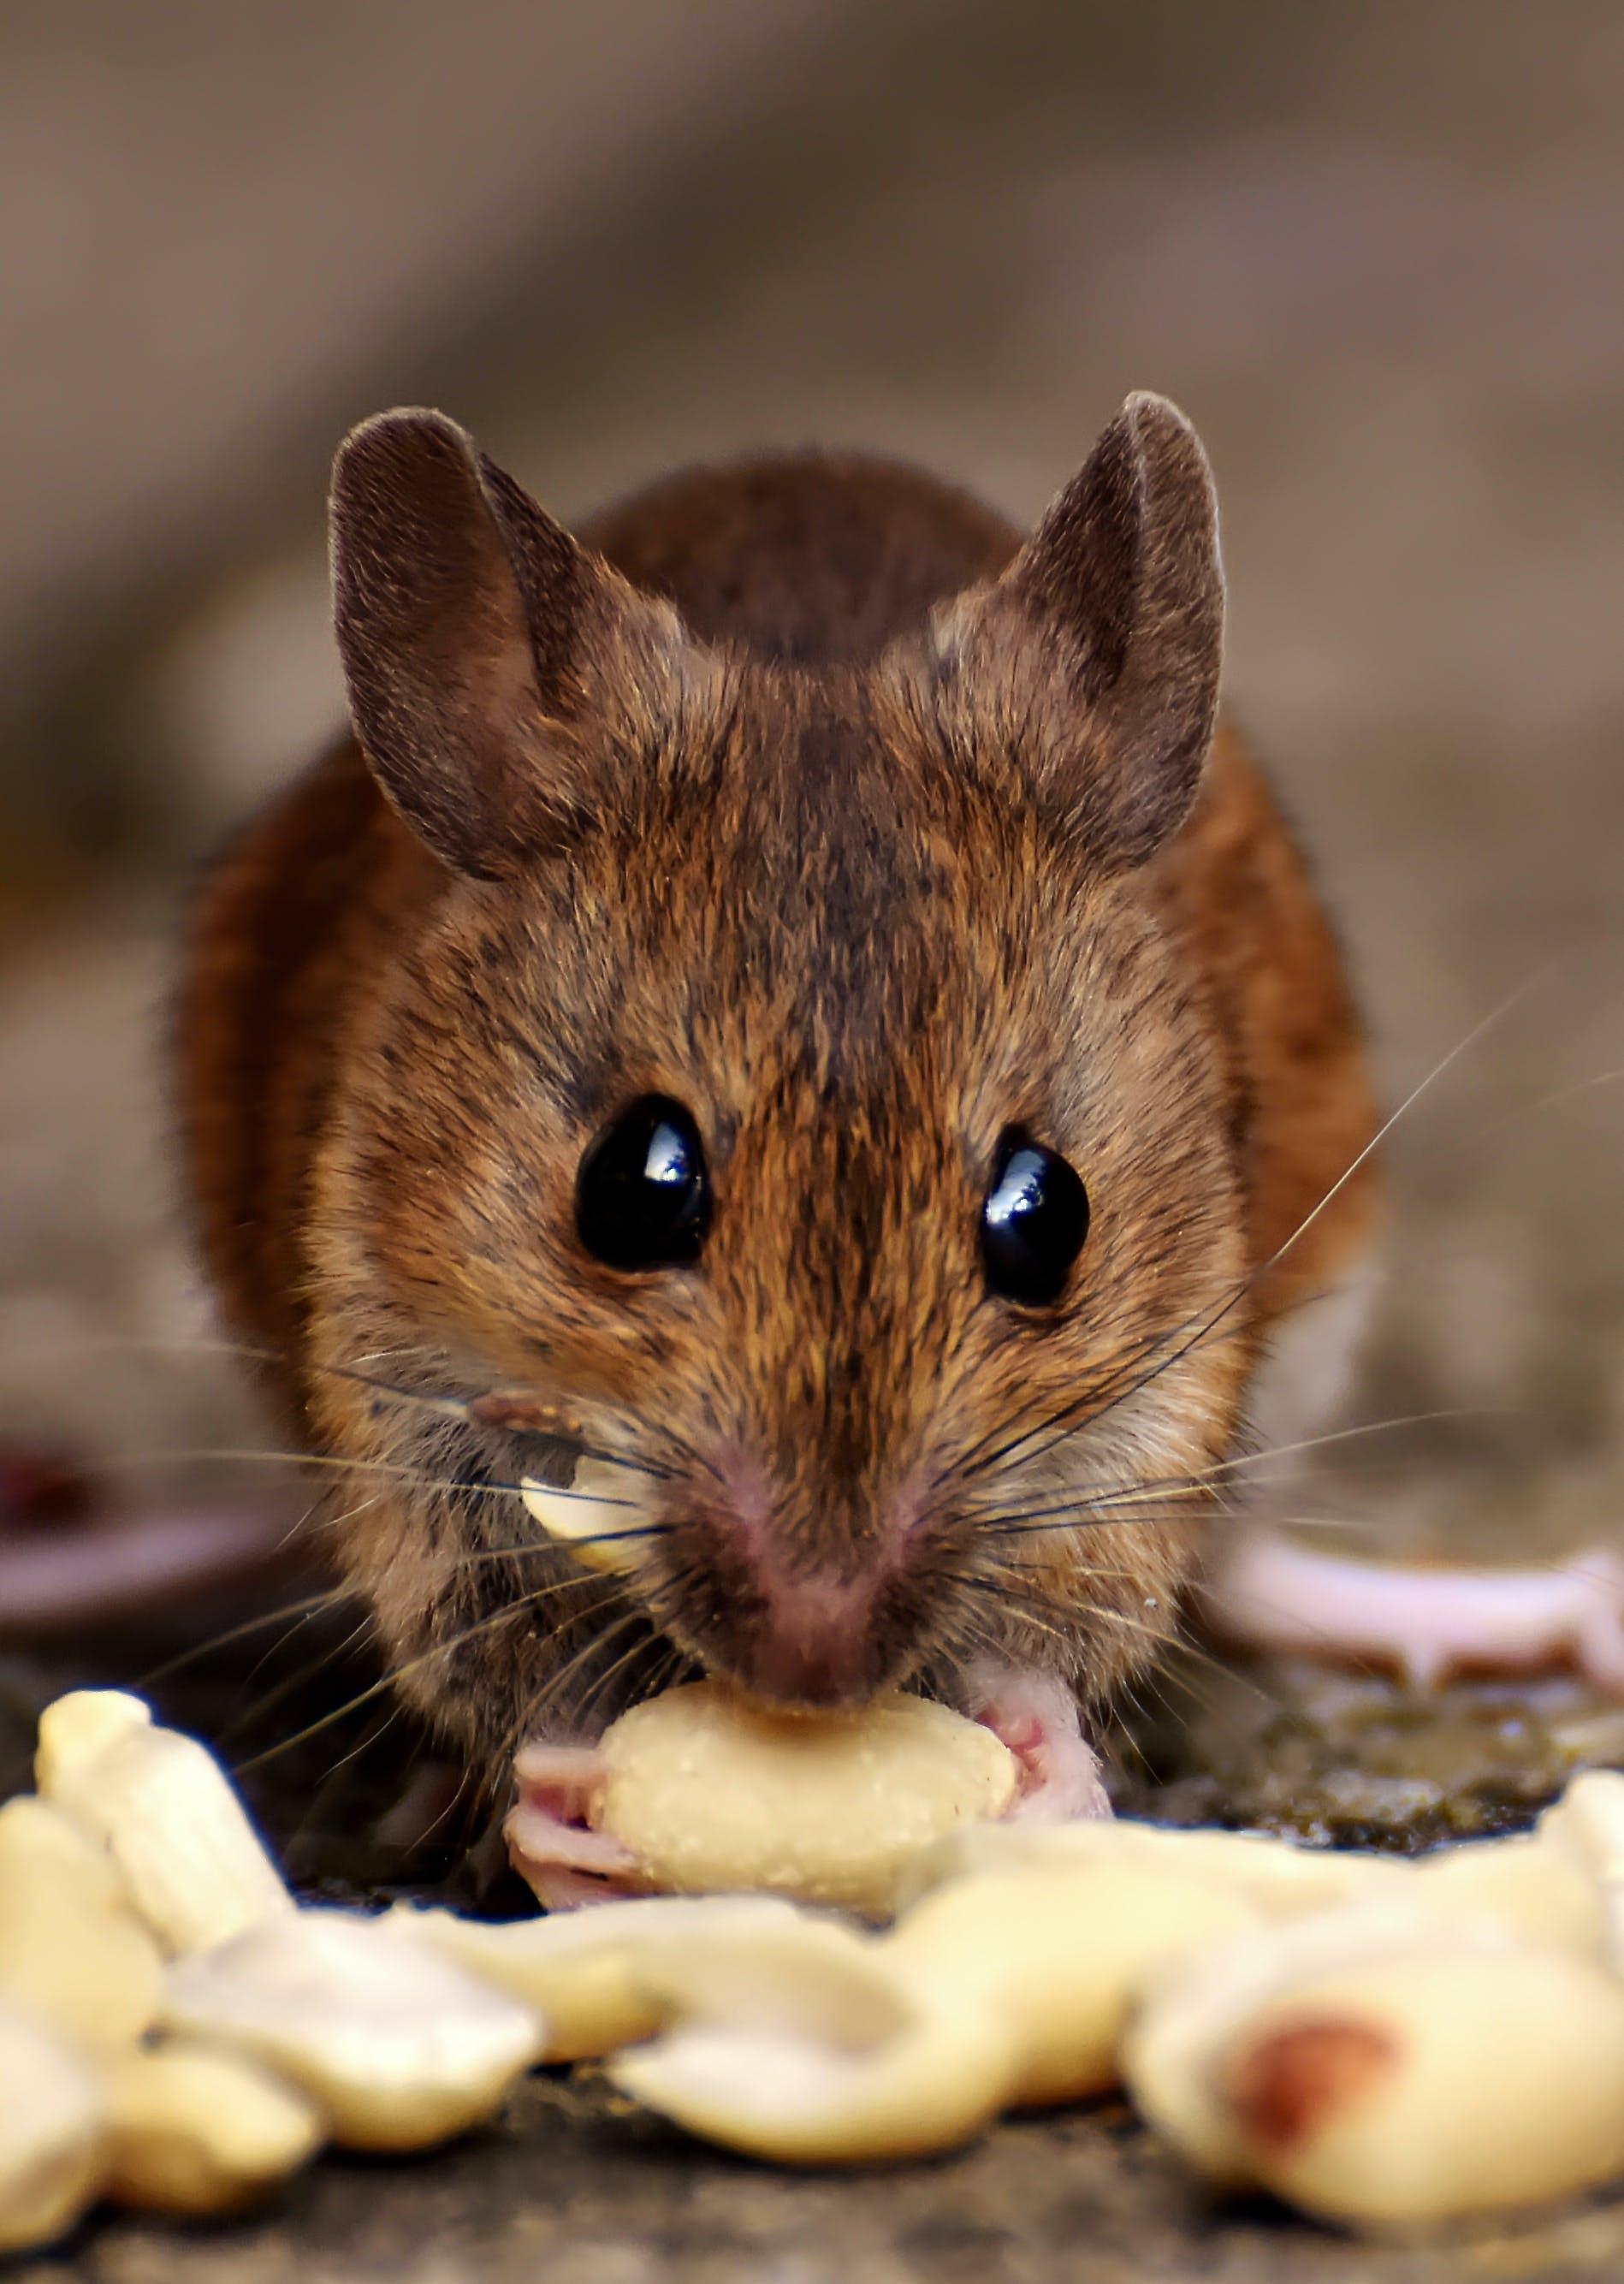 Gratis lagerfoto af brun, close-up, dyr, dyrefotografering